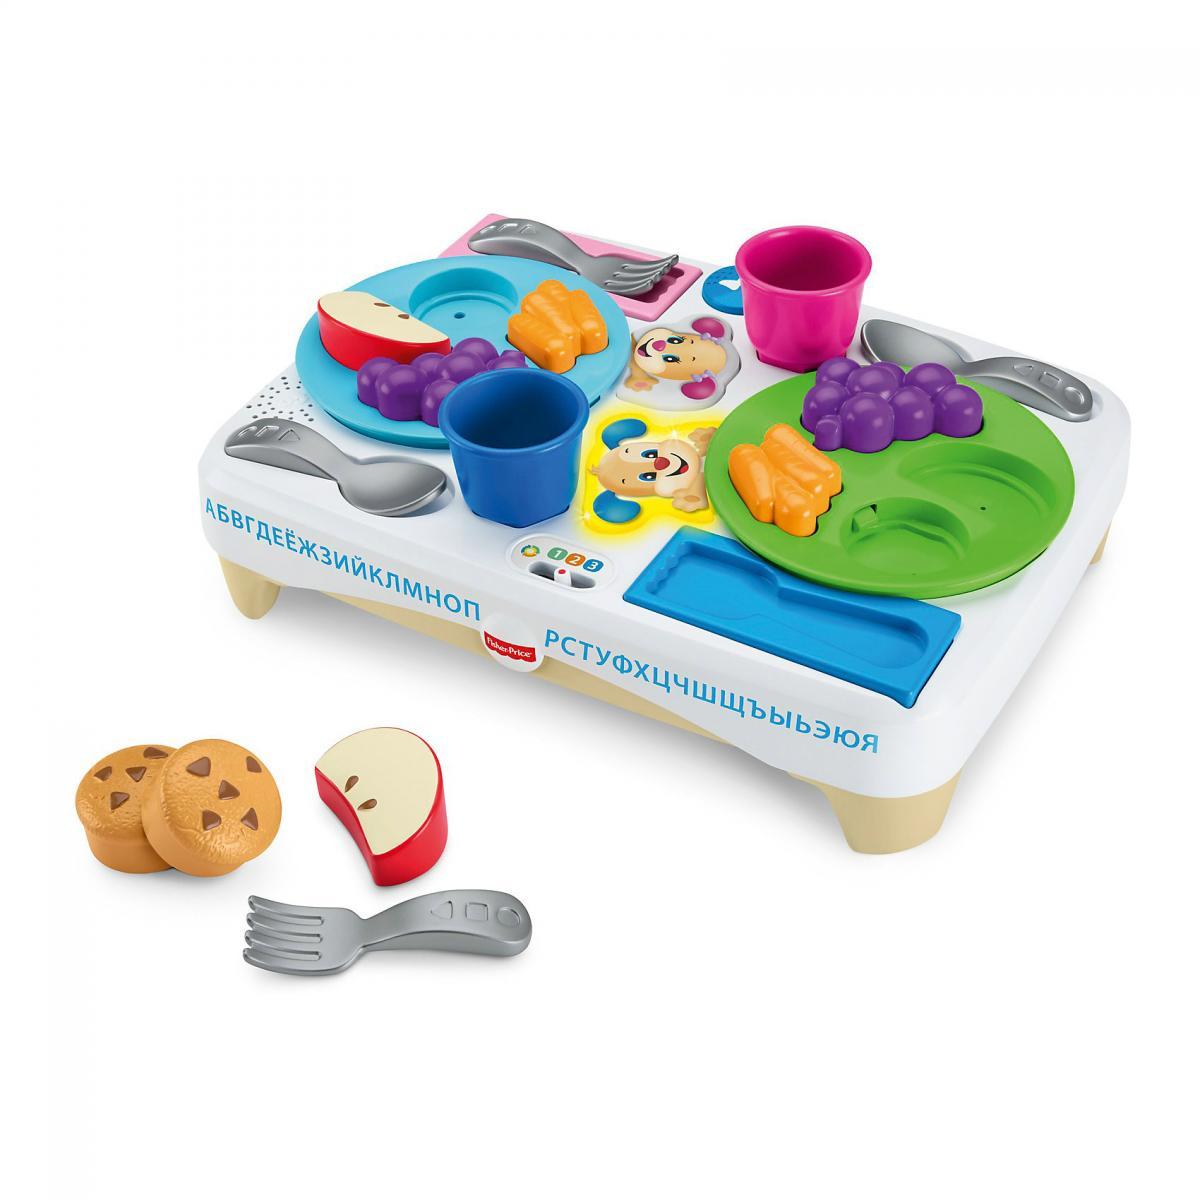 Топ 10 развивающих игрушек